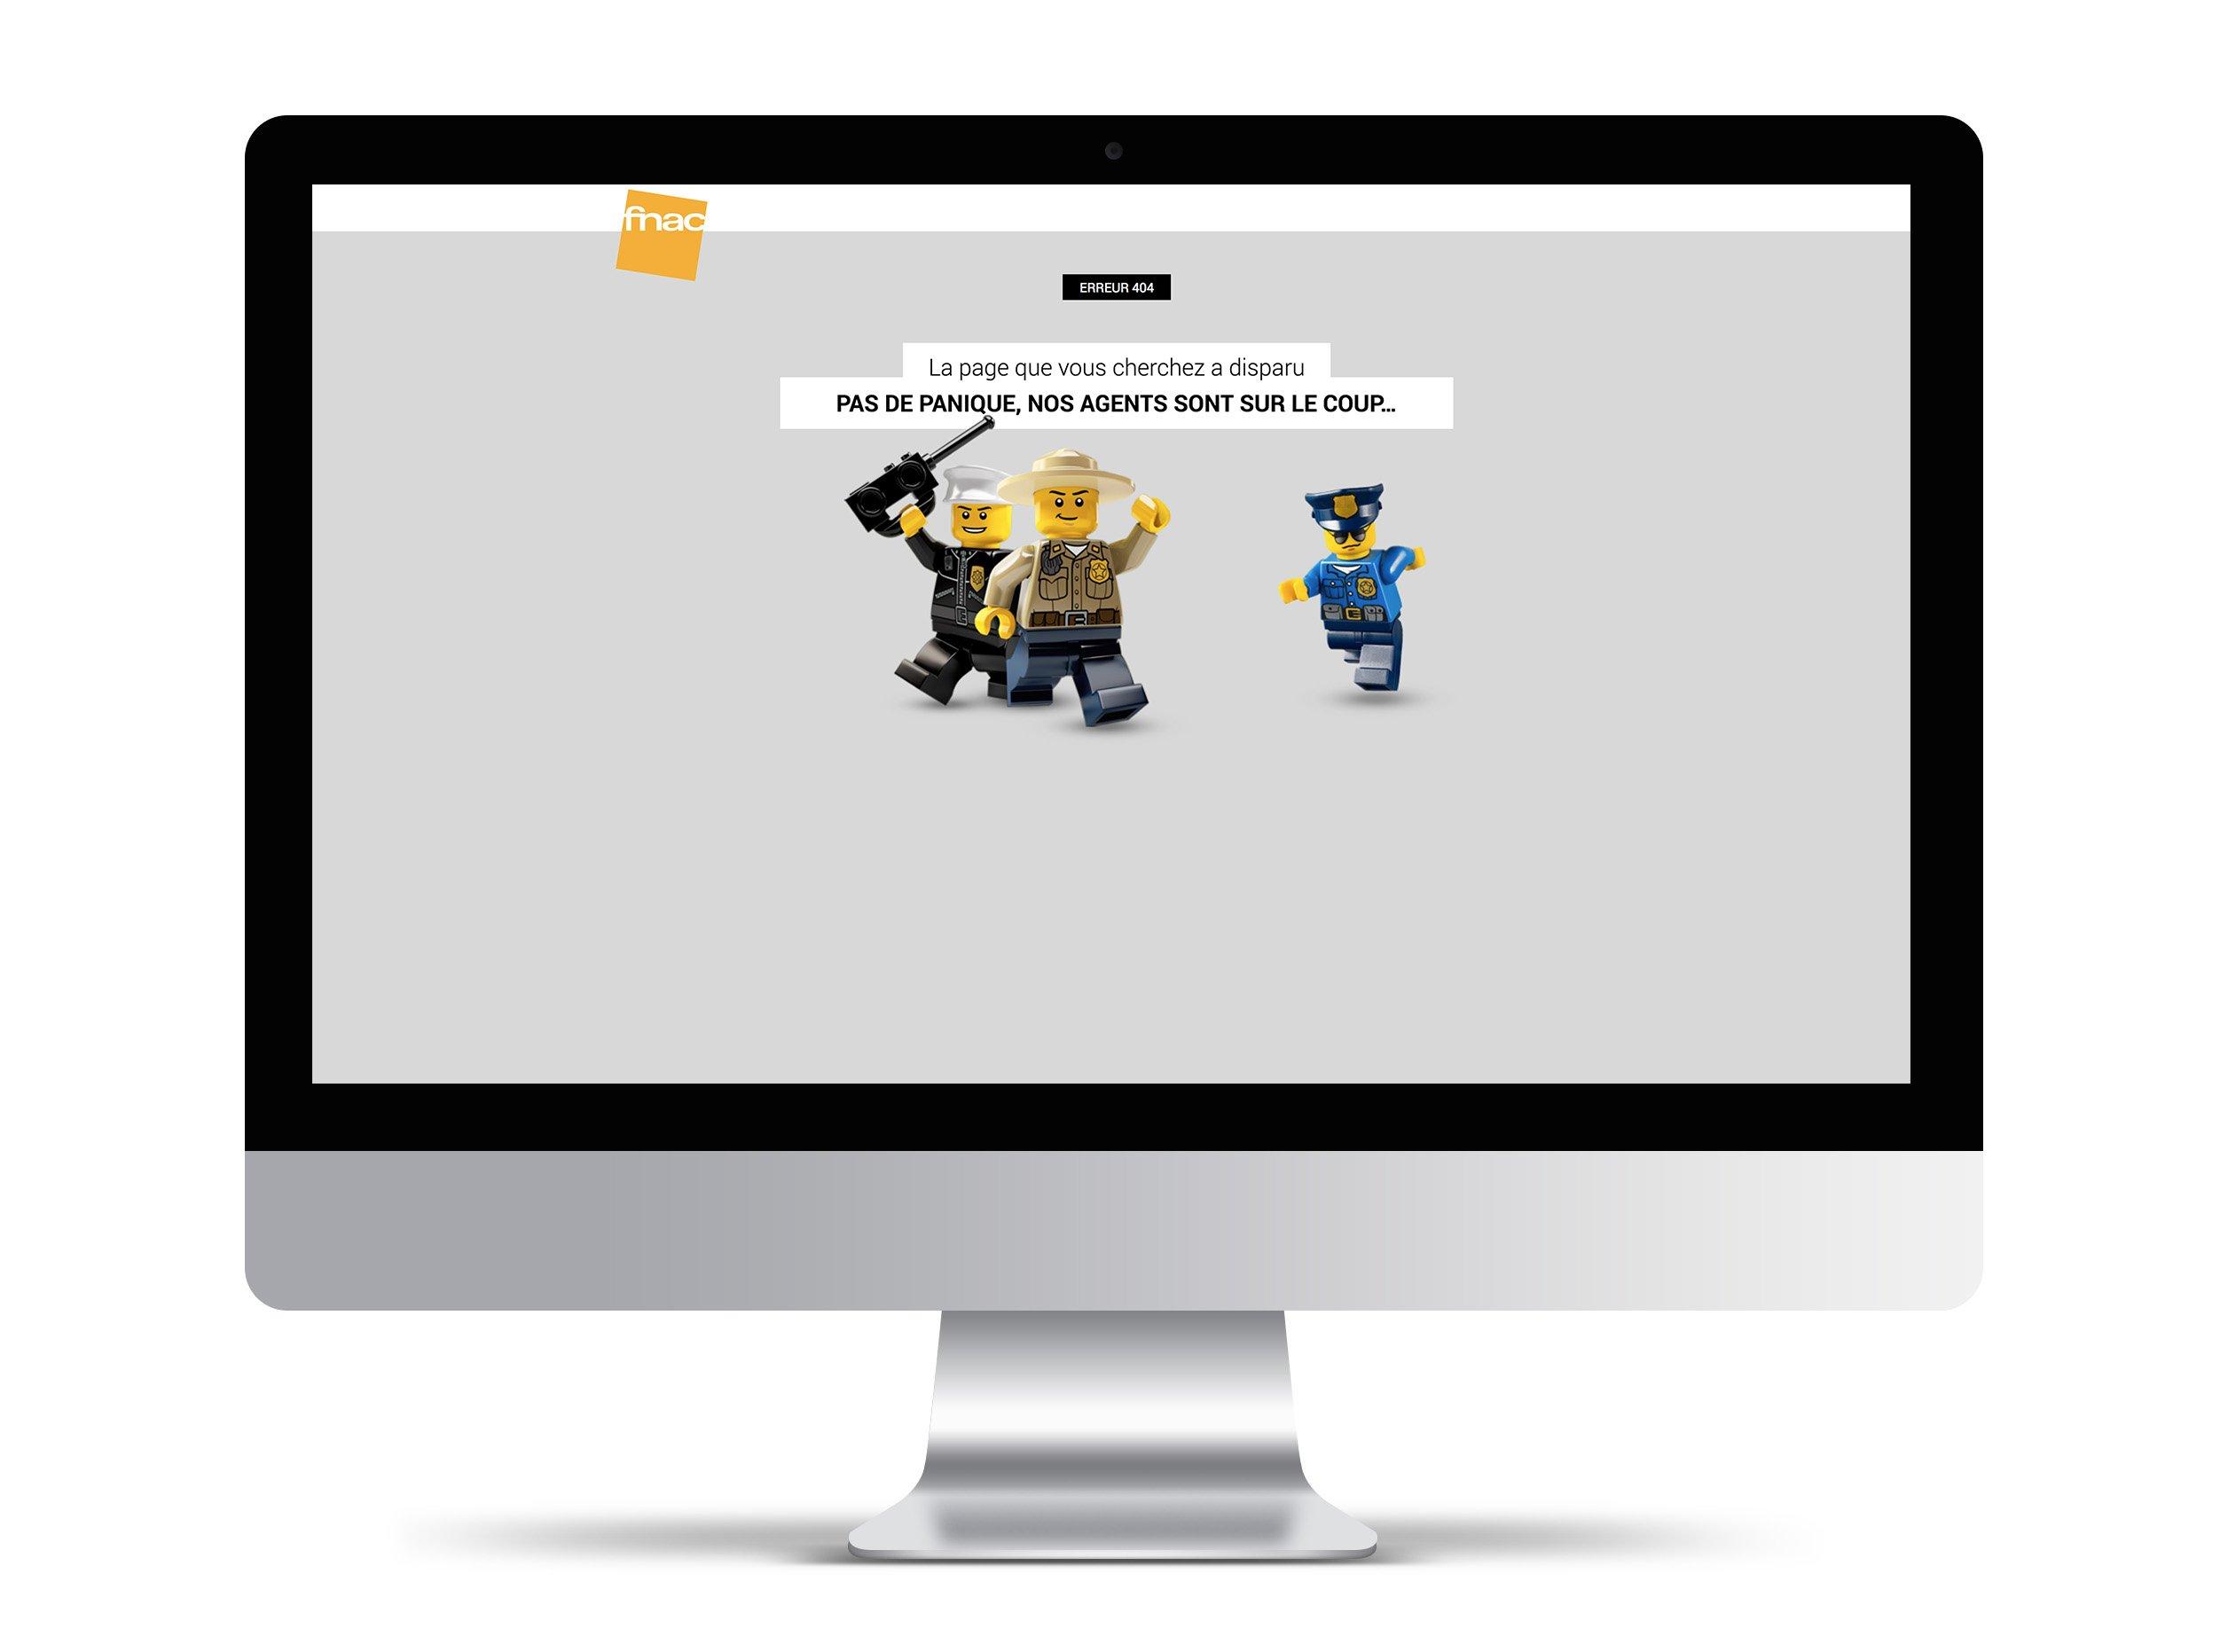 webdesign ux 404 fnac